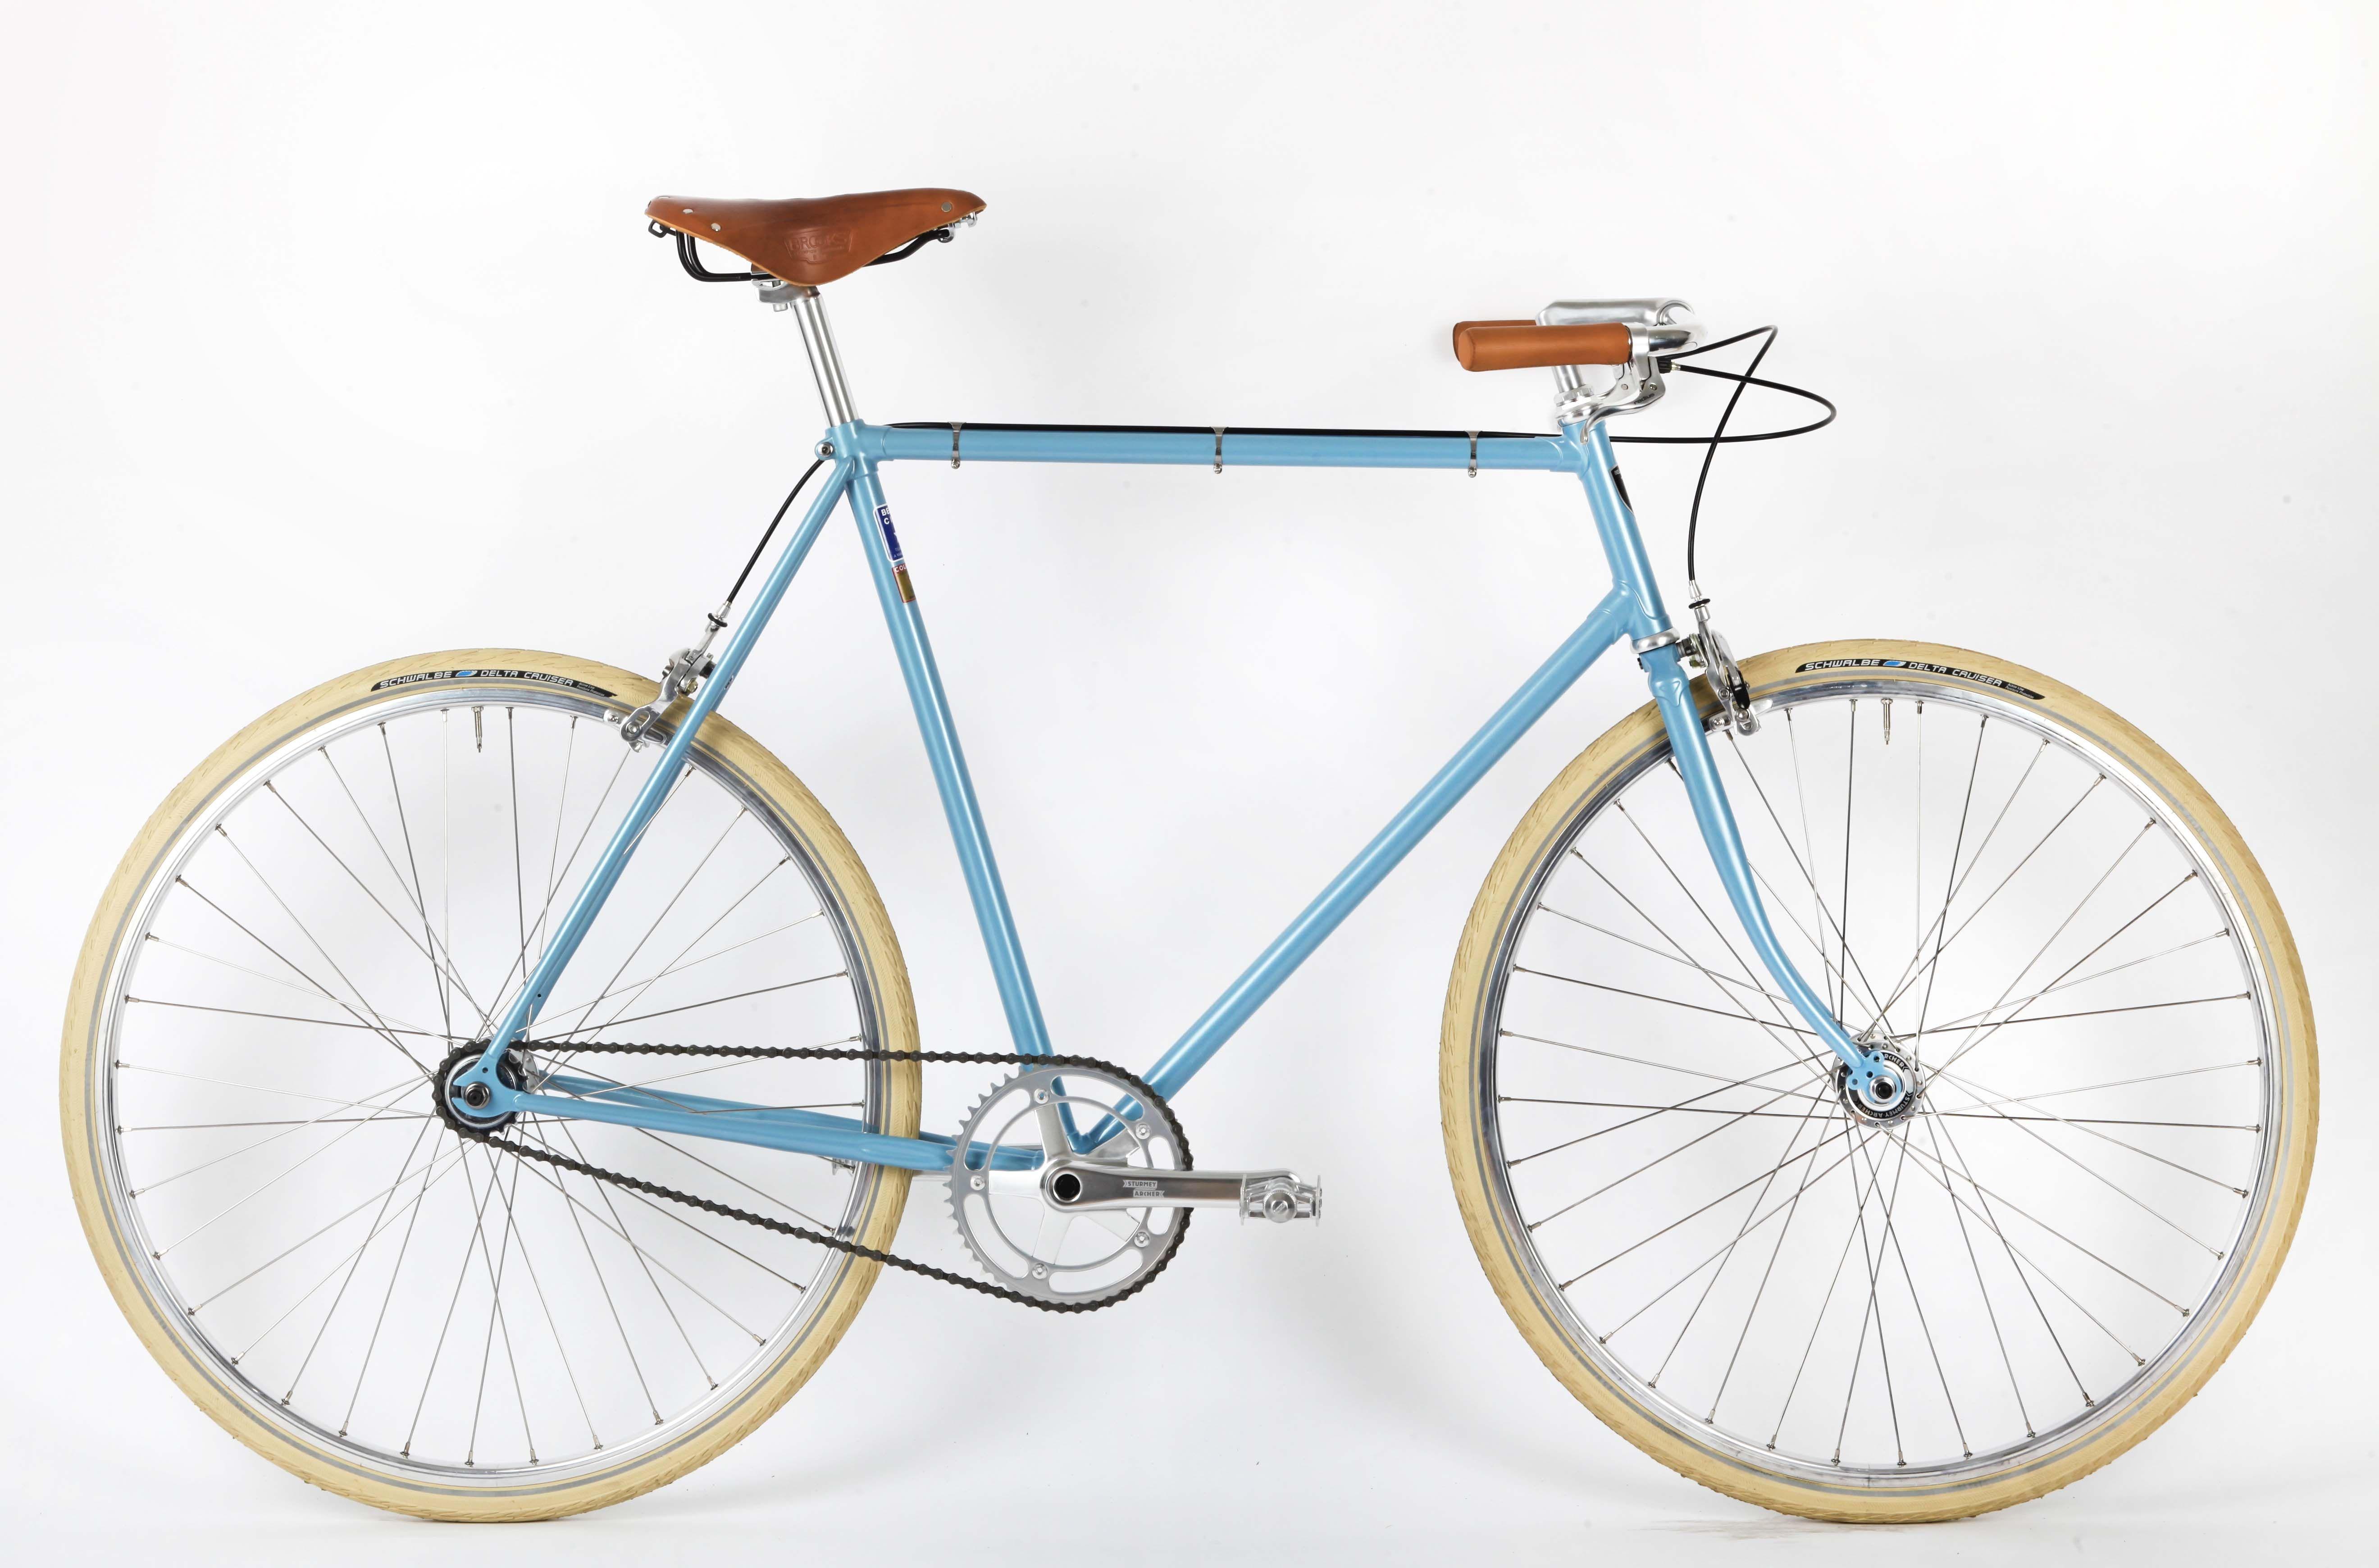 Bella Ciao Ingegnere Vintage Rennrad Fahrrad Fahrrad Fahren